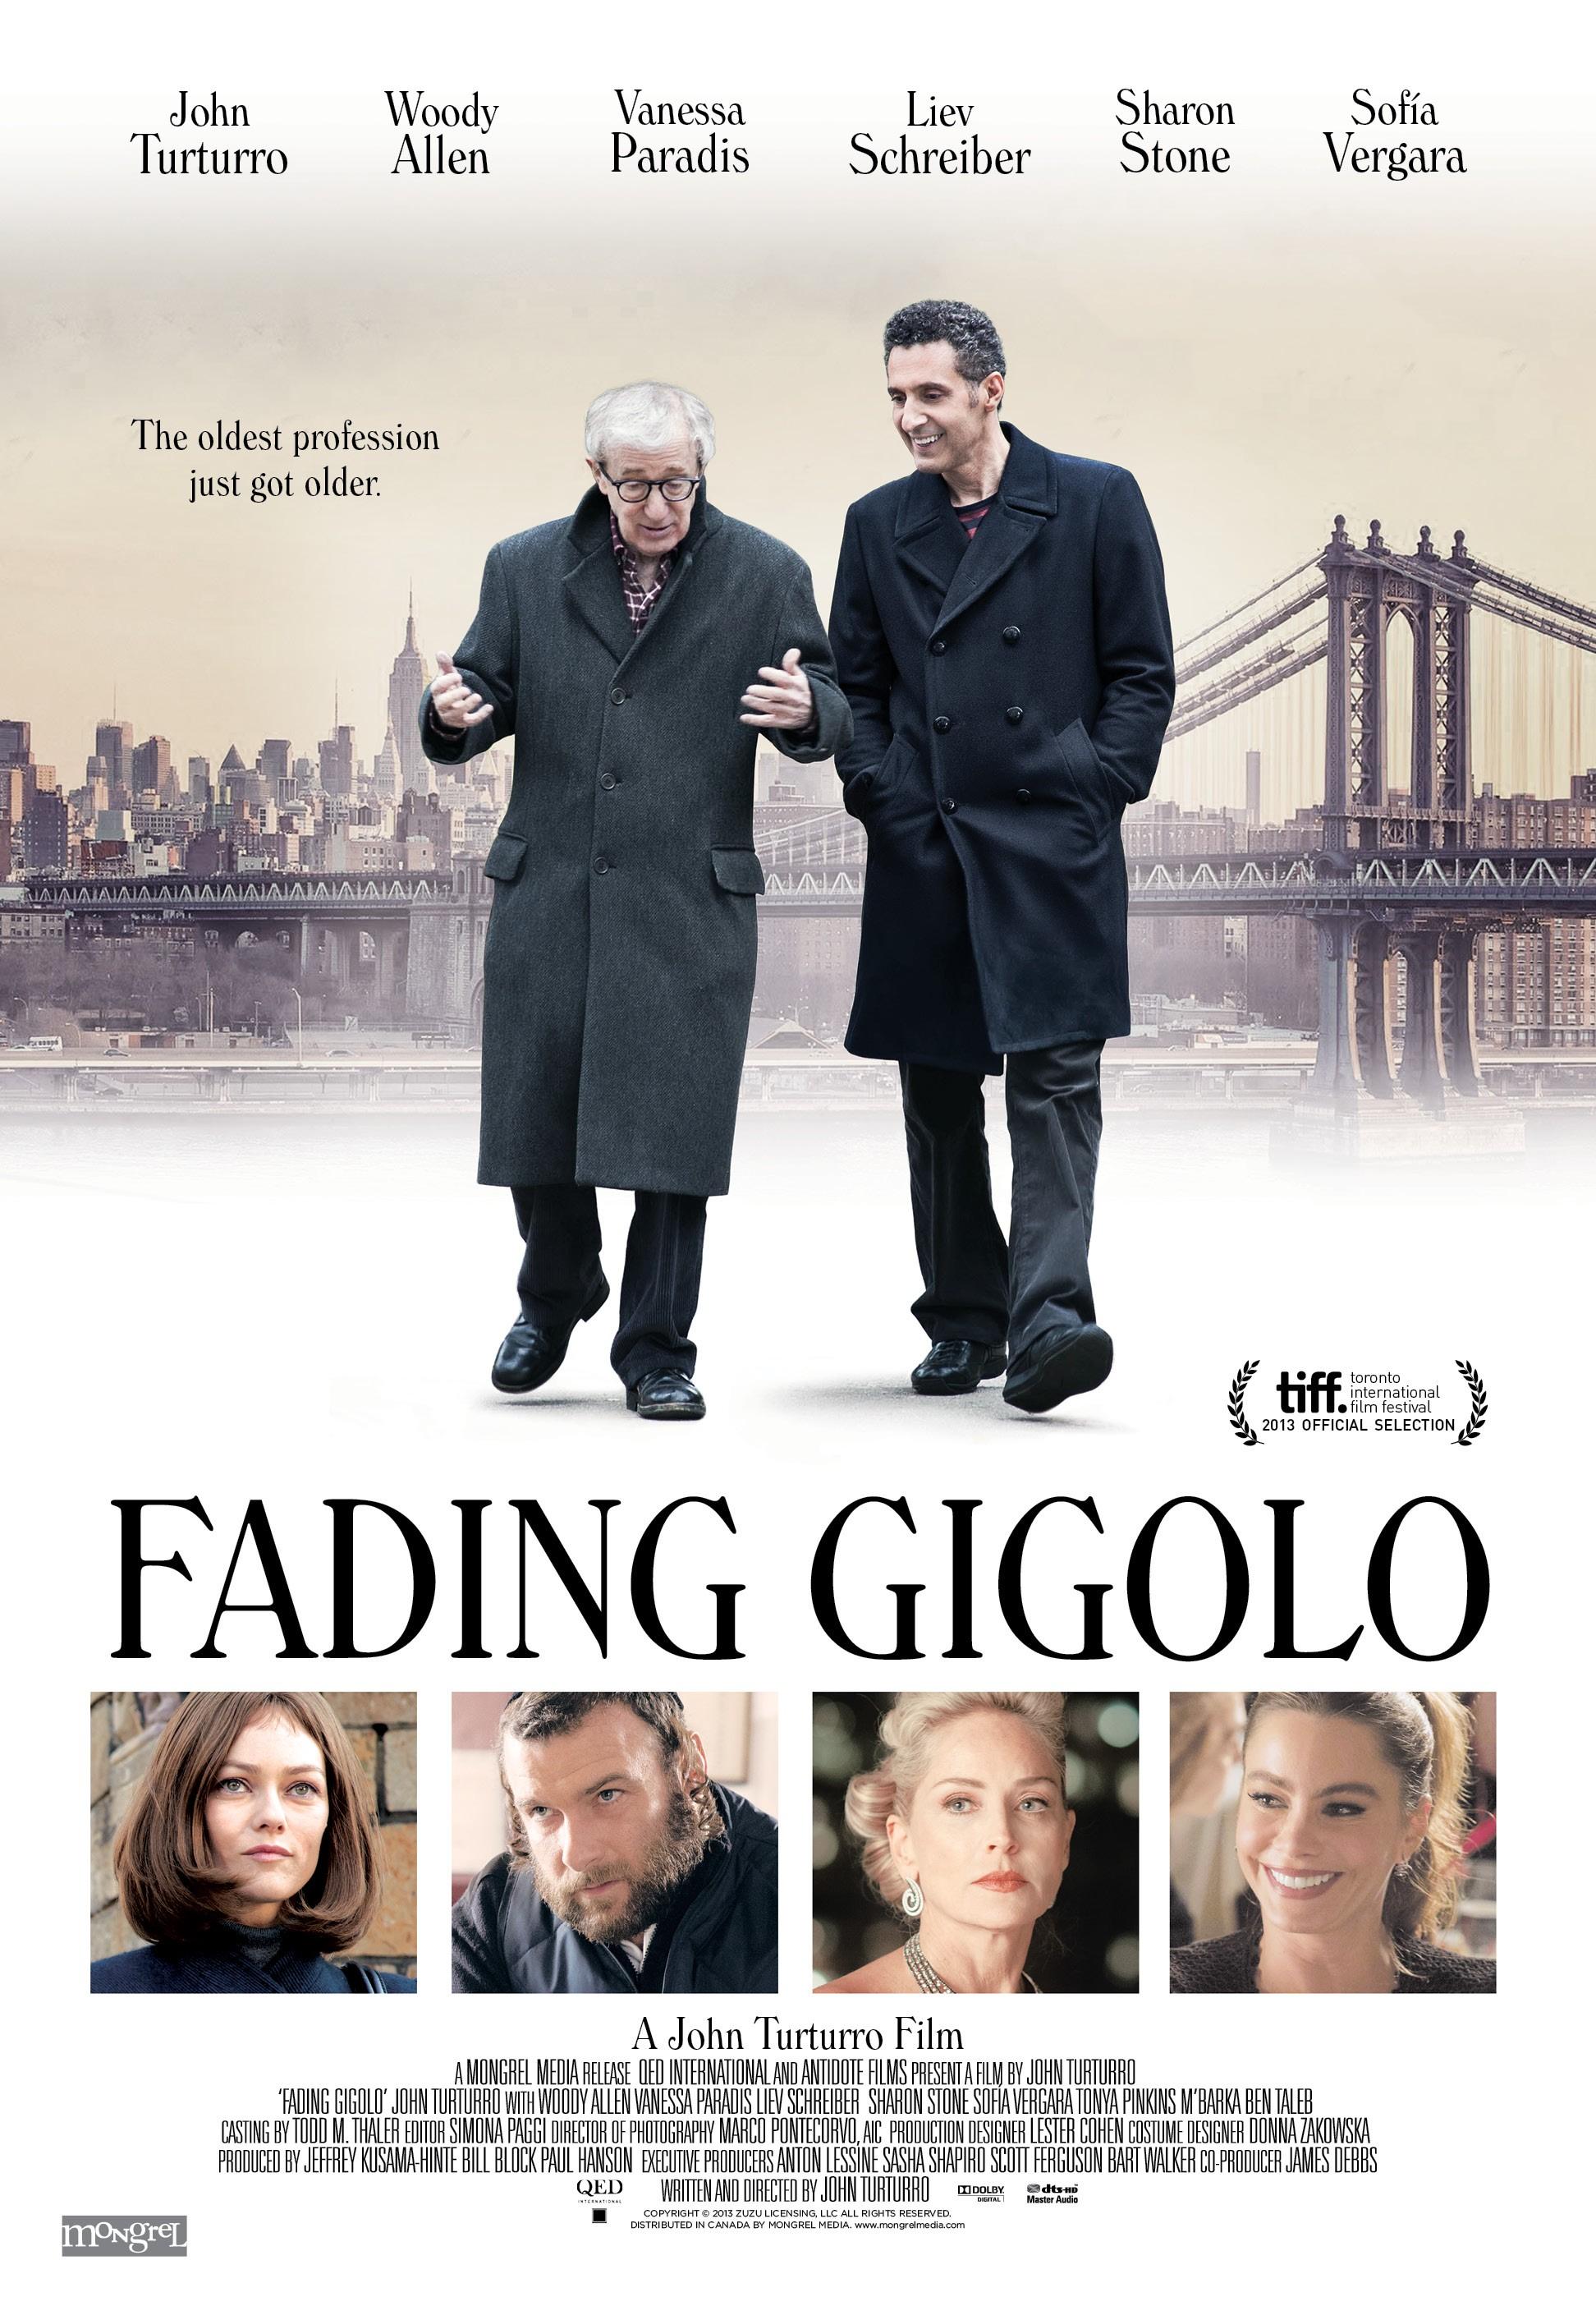 Gigolo dating